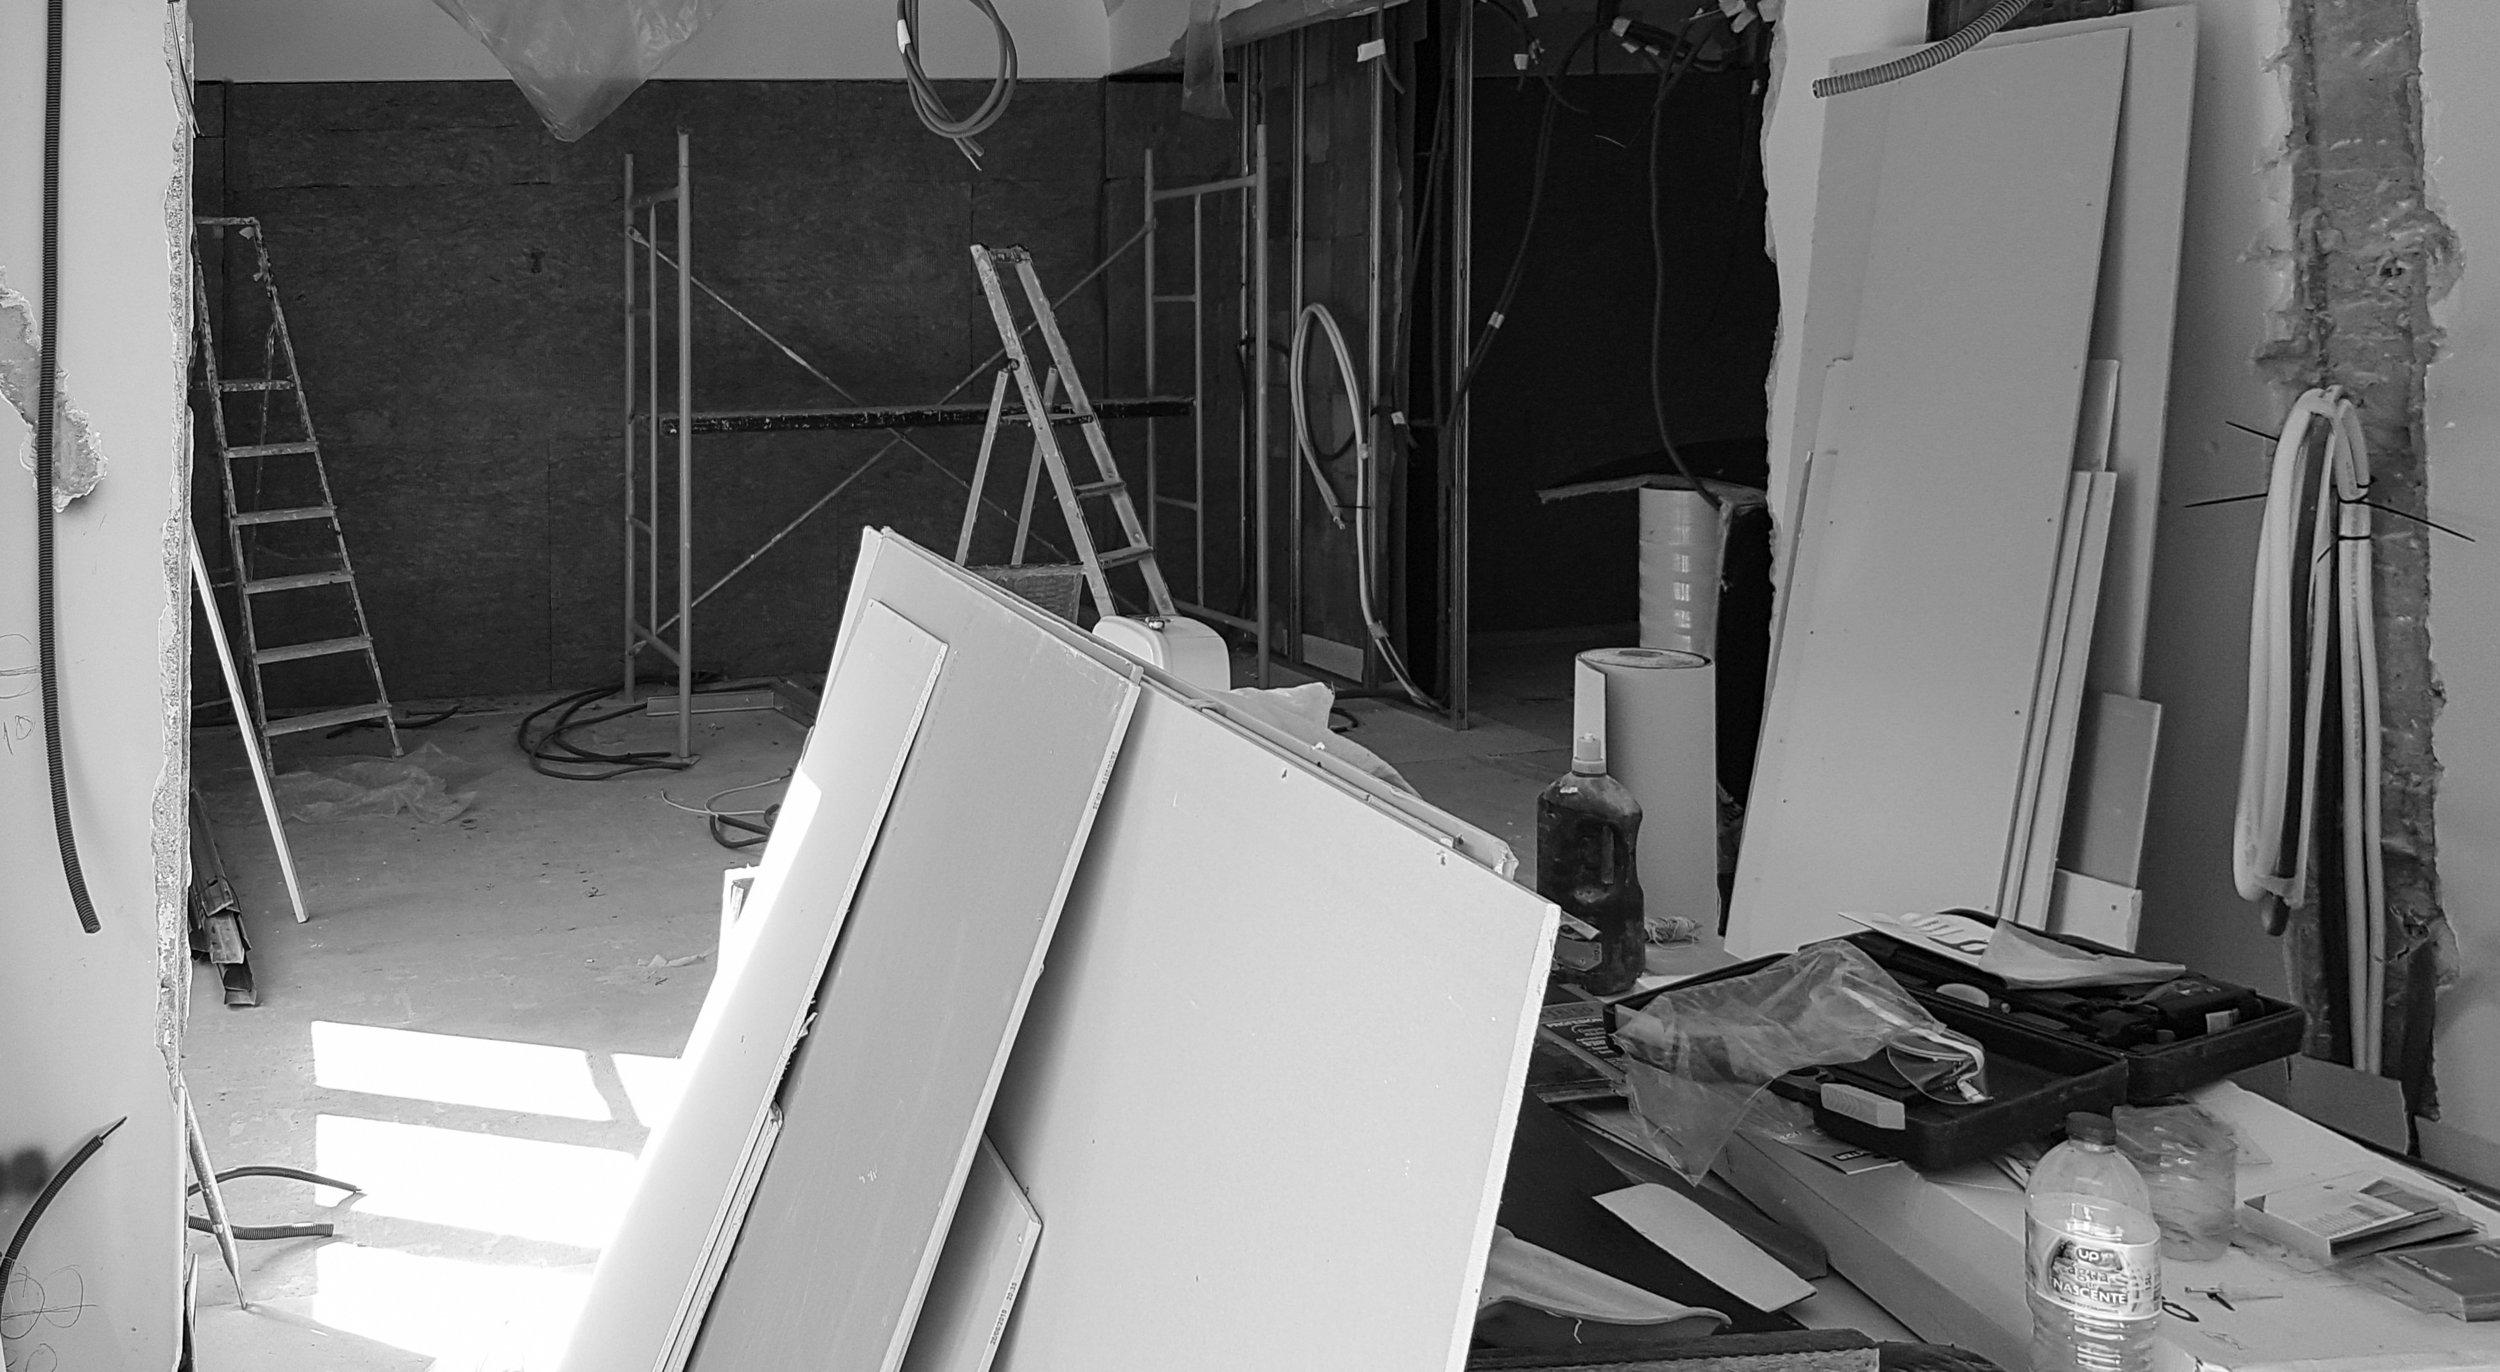 Apartamento Alcântara - Lisboa - EVA evolutionary architecture - EVA atelier - arquitectura - remodelação (22).jpg